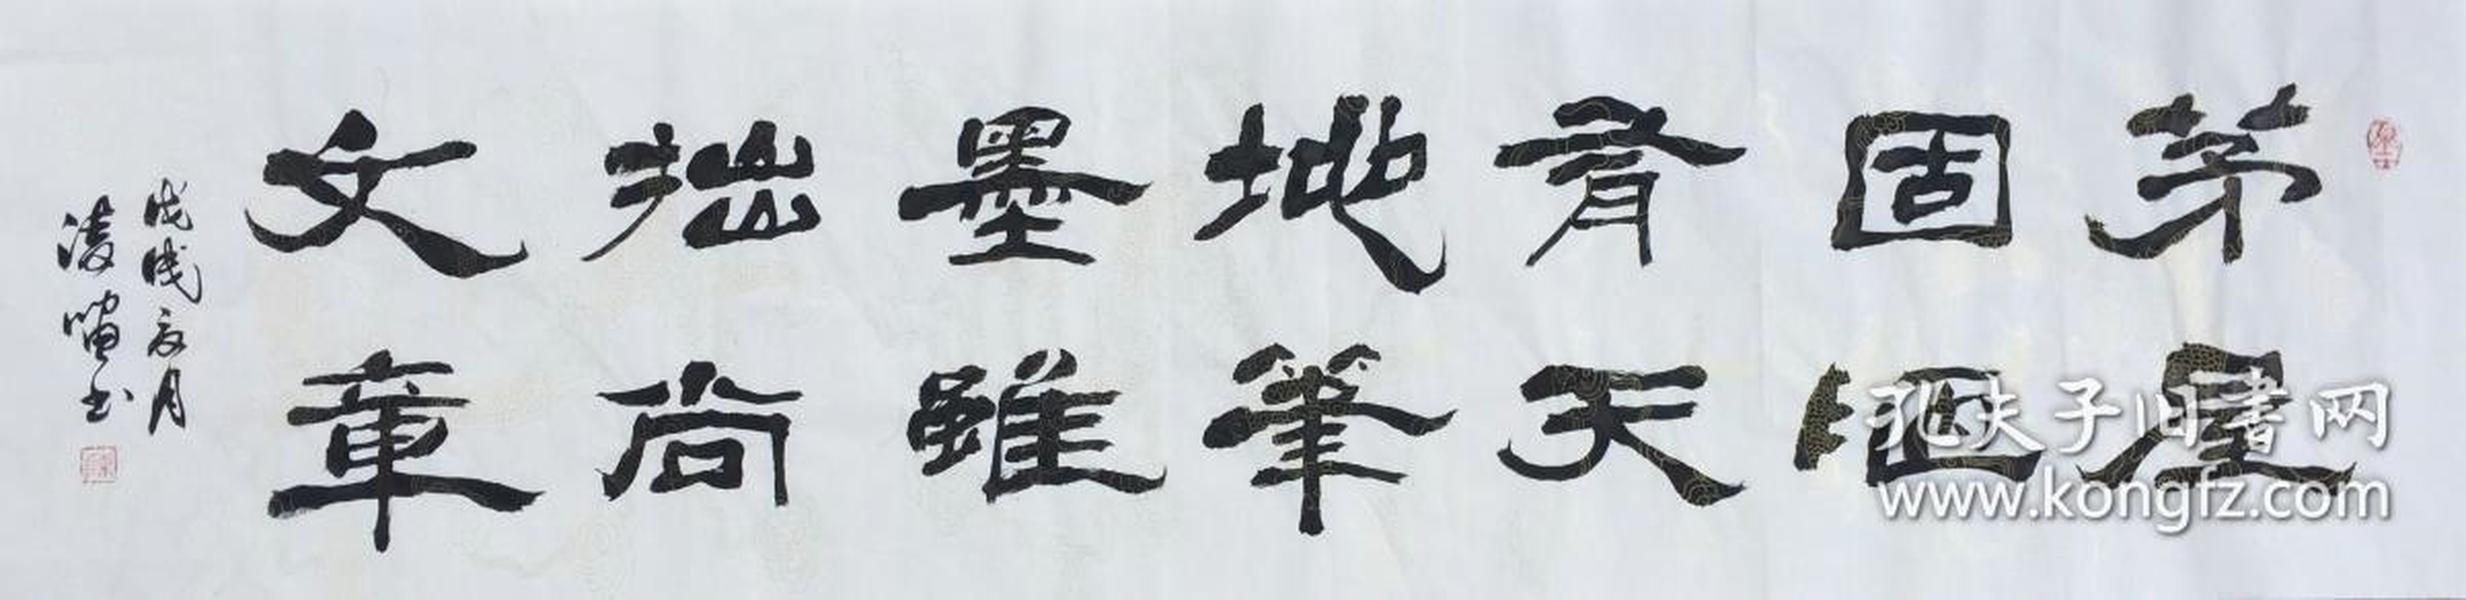 【孔网首发☆低价惠友】L-4河南书法名家凌啸先生精品书法作品1件(保真)